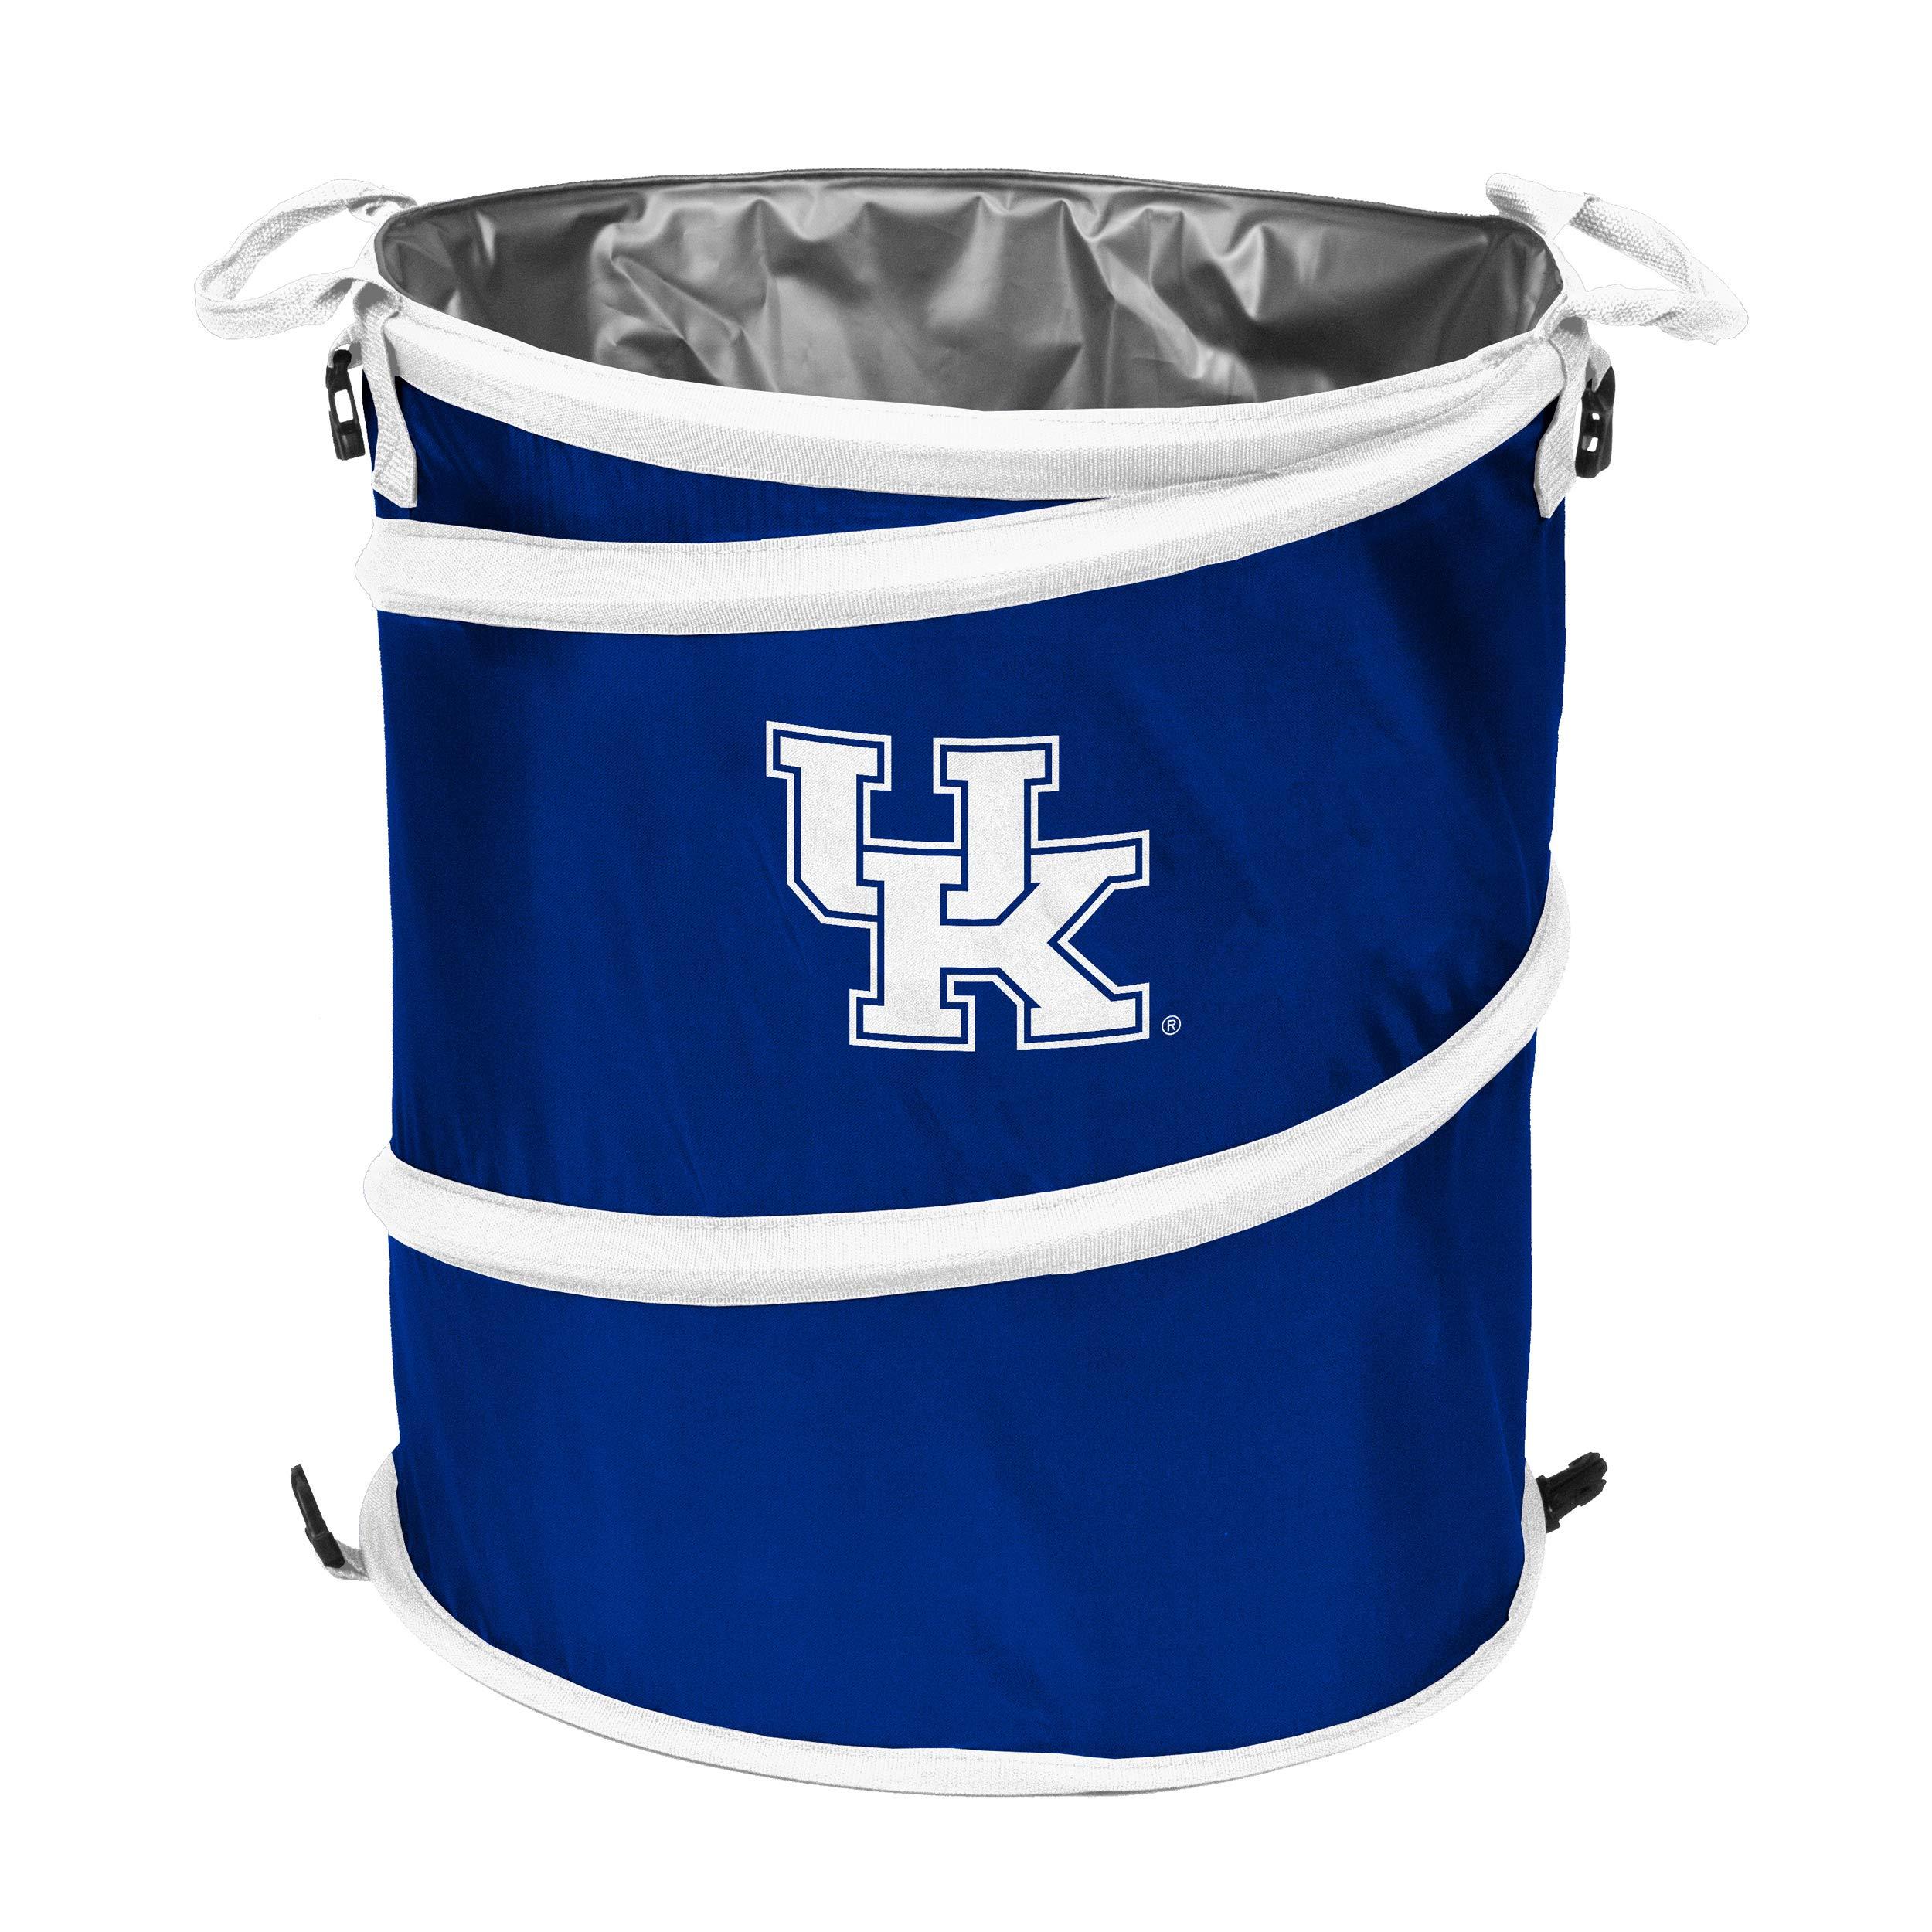 Kentucky Wildcats Trash Can Cooler